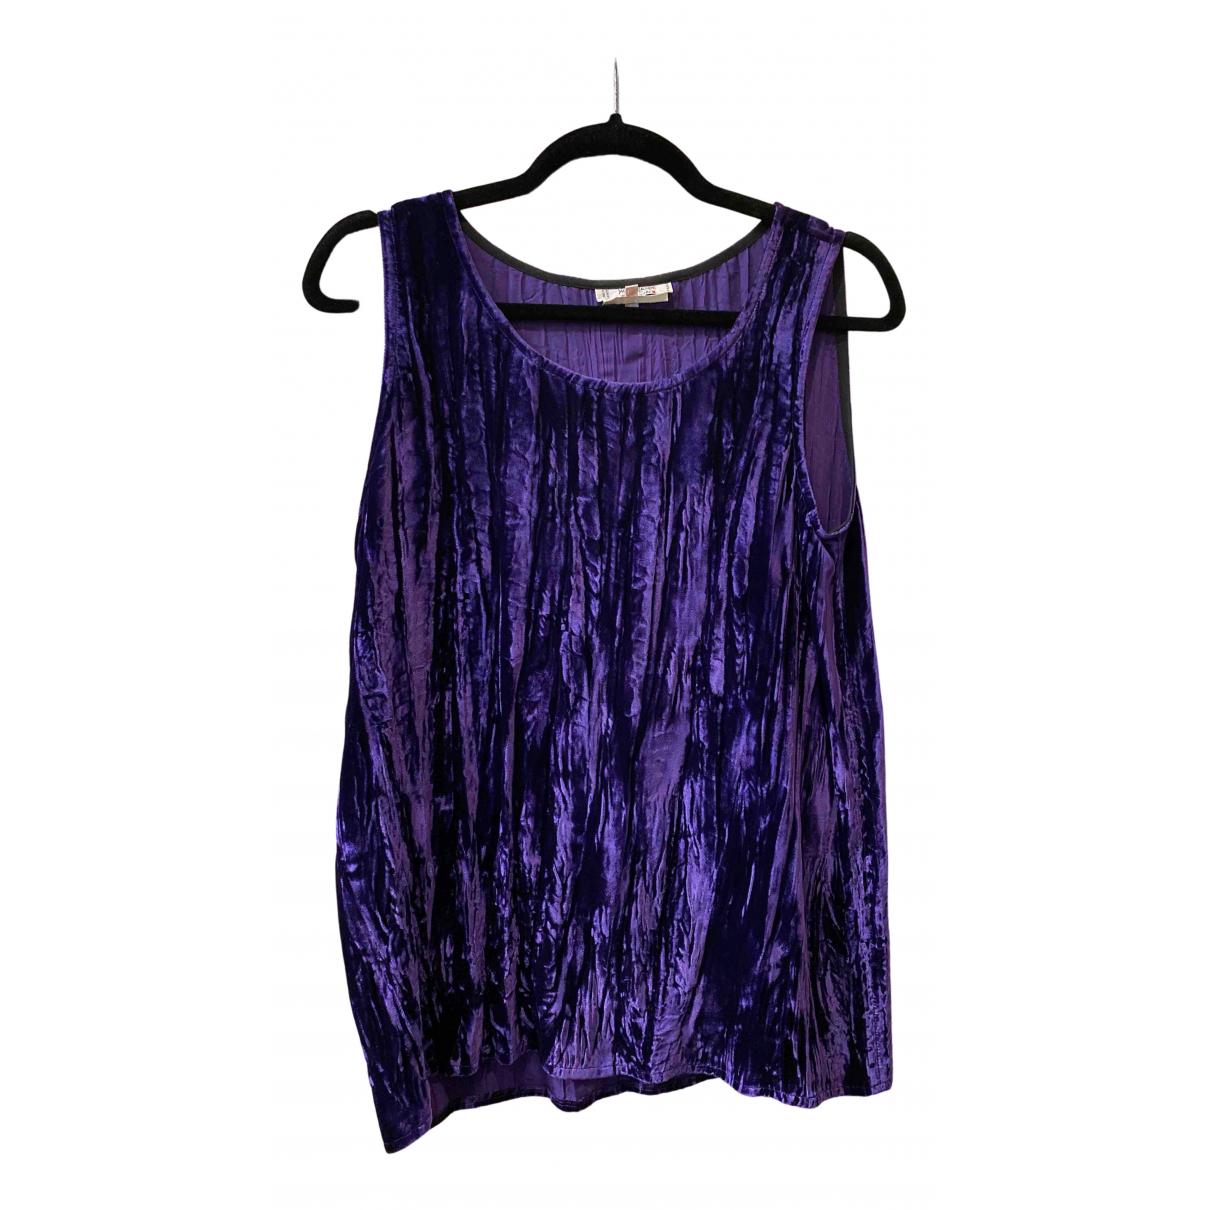 Yves Saint Laurent - Top   pour femme en velours - violet